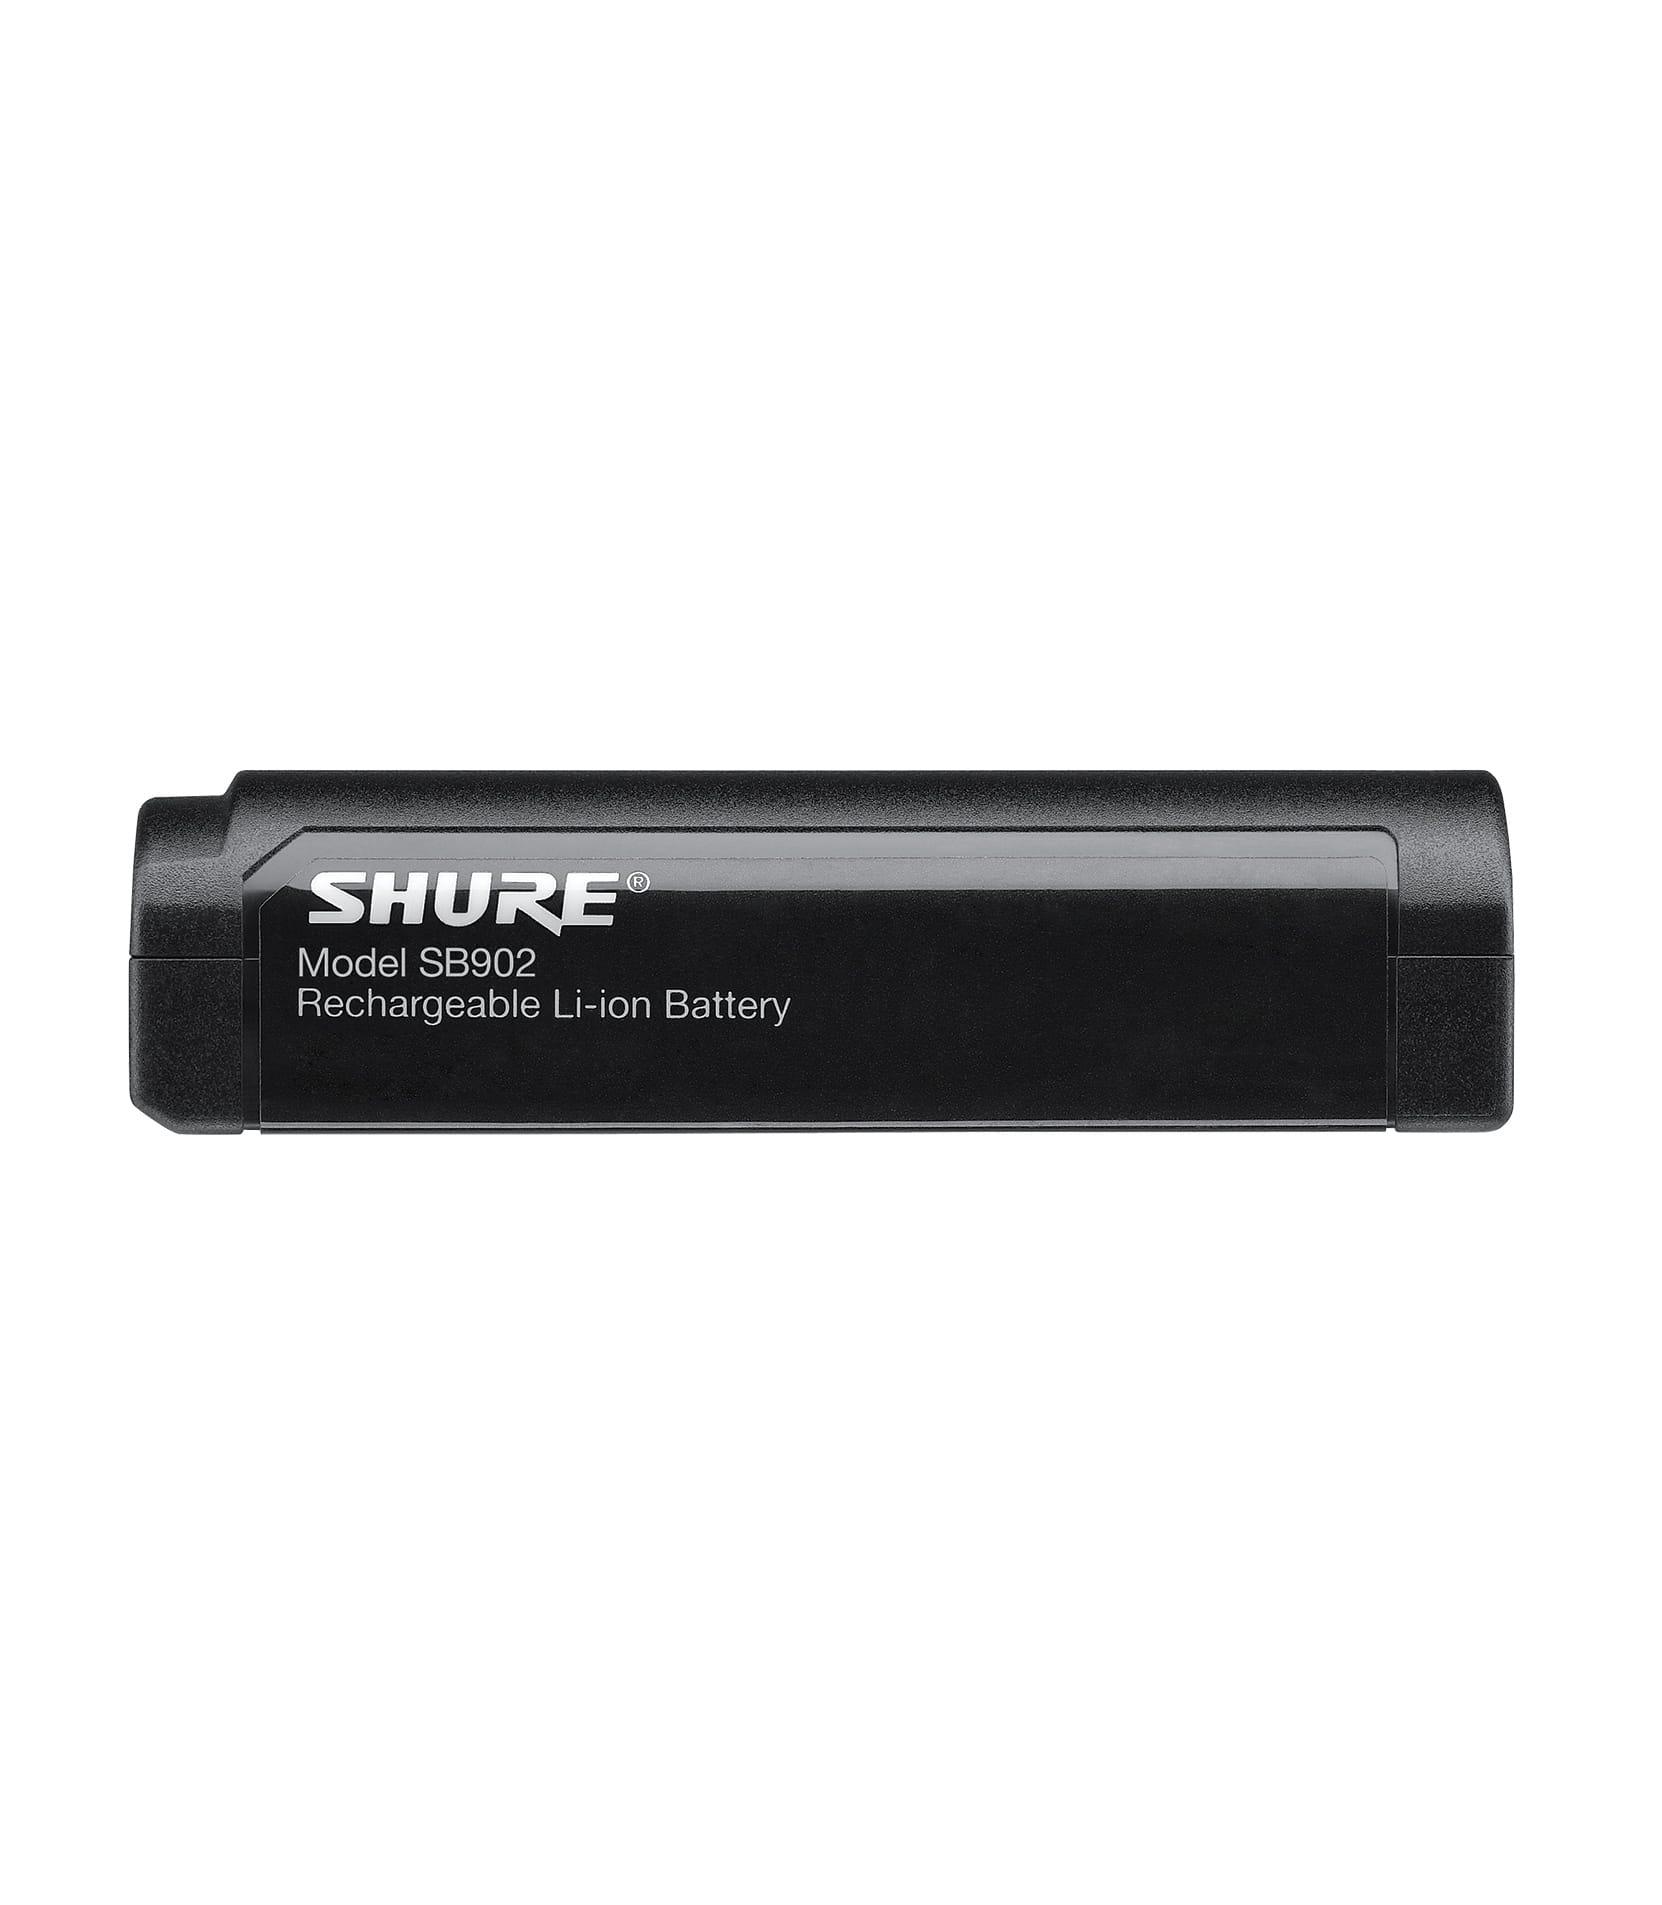 buy shure sb902